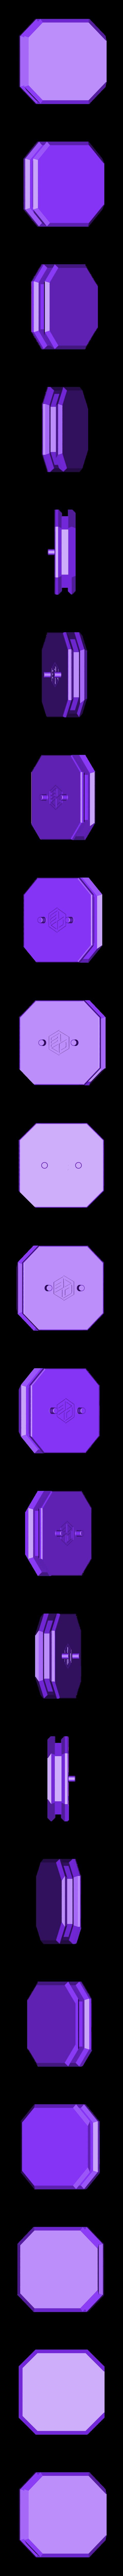 Knob.stl Télécharger fichier STL Tiroirs modulaires 2.0 • Modèle pour imprimante 3D, O3D